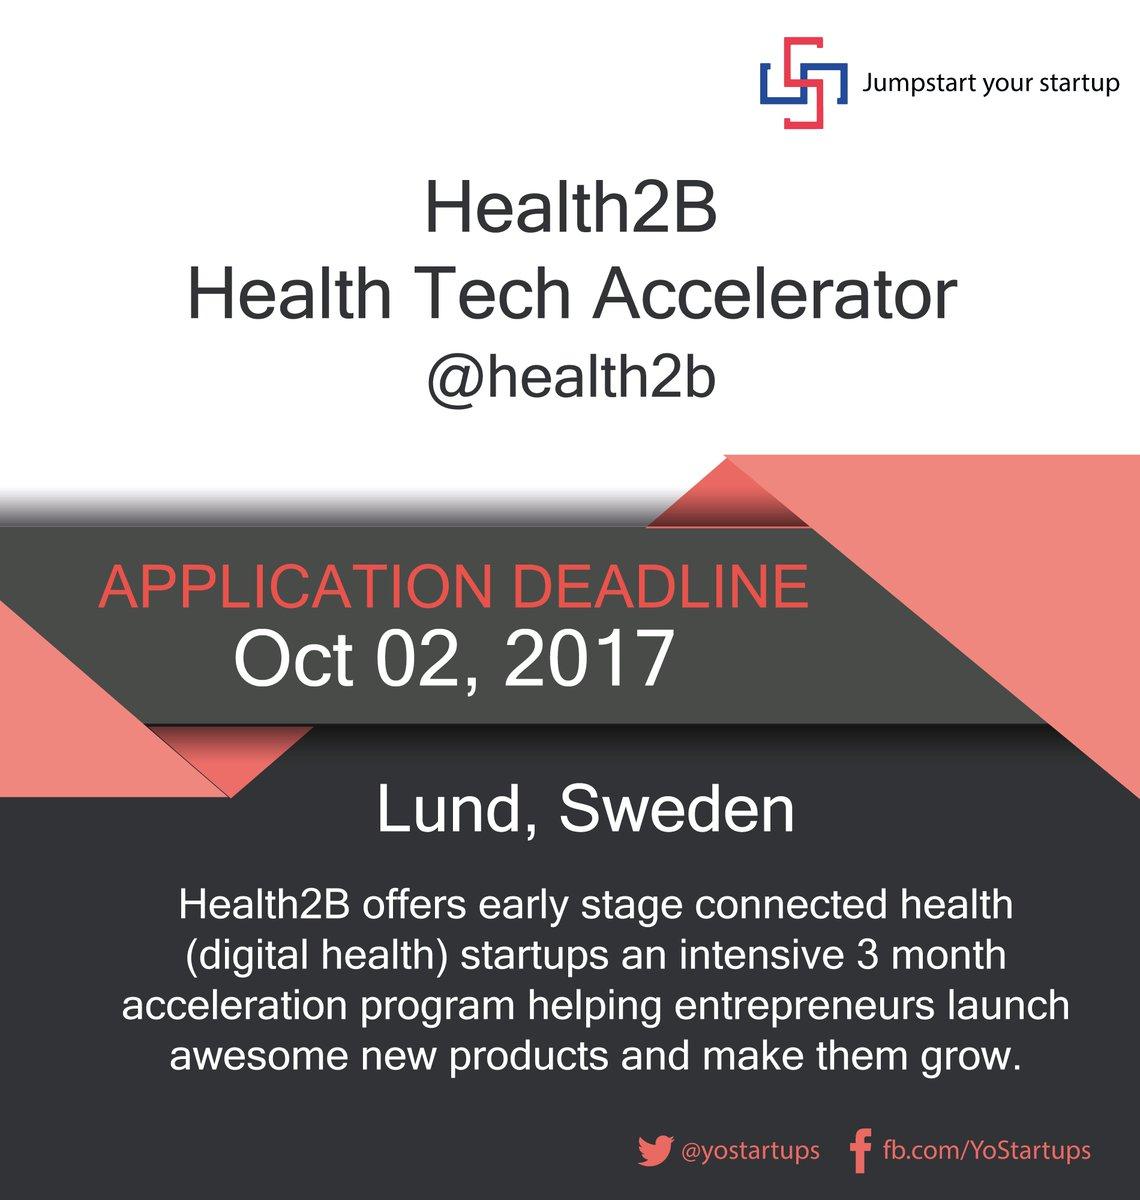 Checkout @health2b early stage startup program for #DigitalHealth startups #accelerator  https:// goo.gl/ZJXrJe  &nbsp;  <br>http://pic.twitter.com/djrVw2C3hi